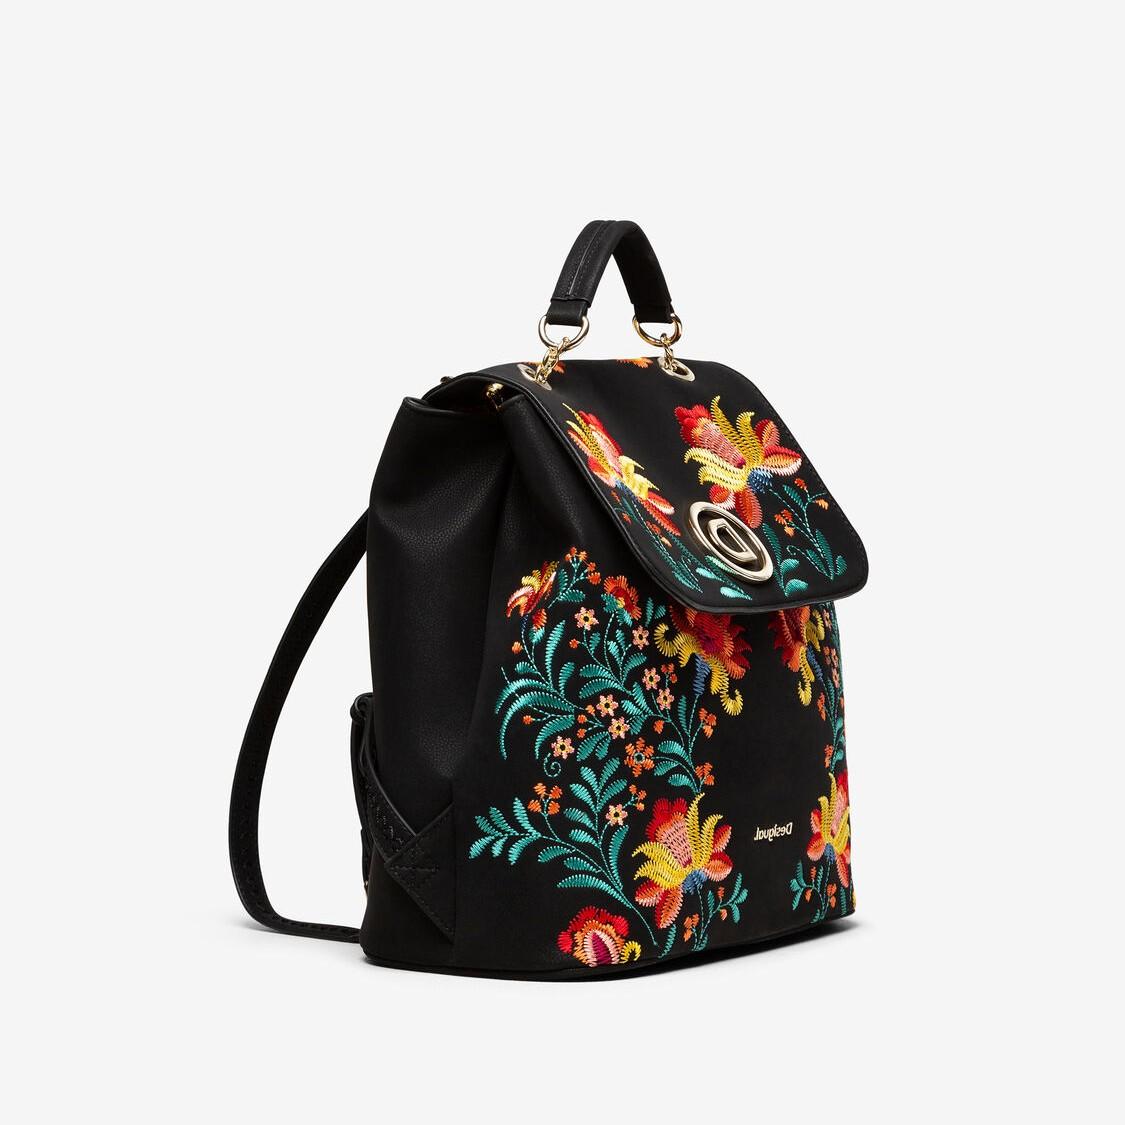 Desigual háti táska fedeles láncos hímzett fekete